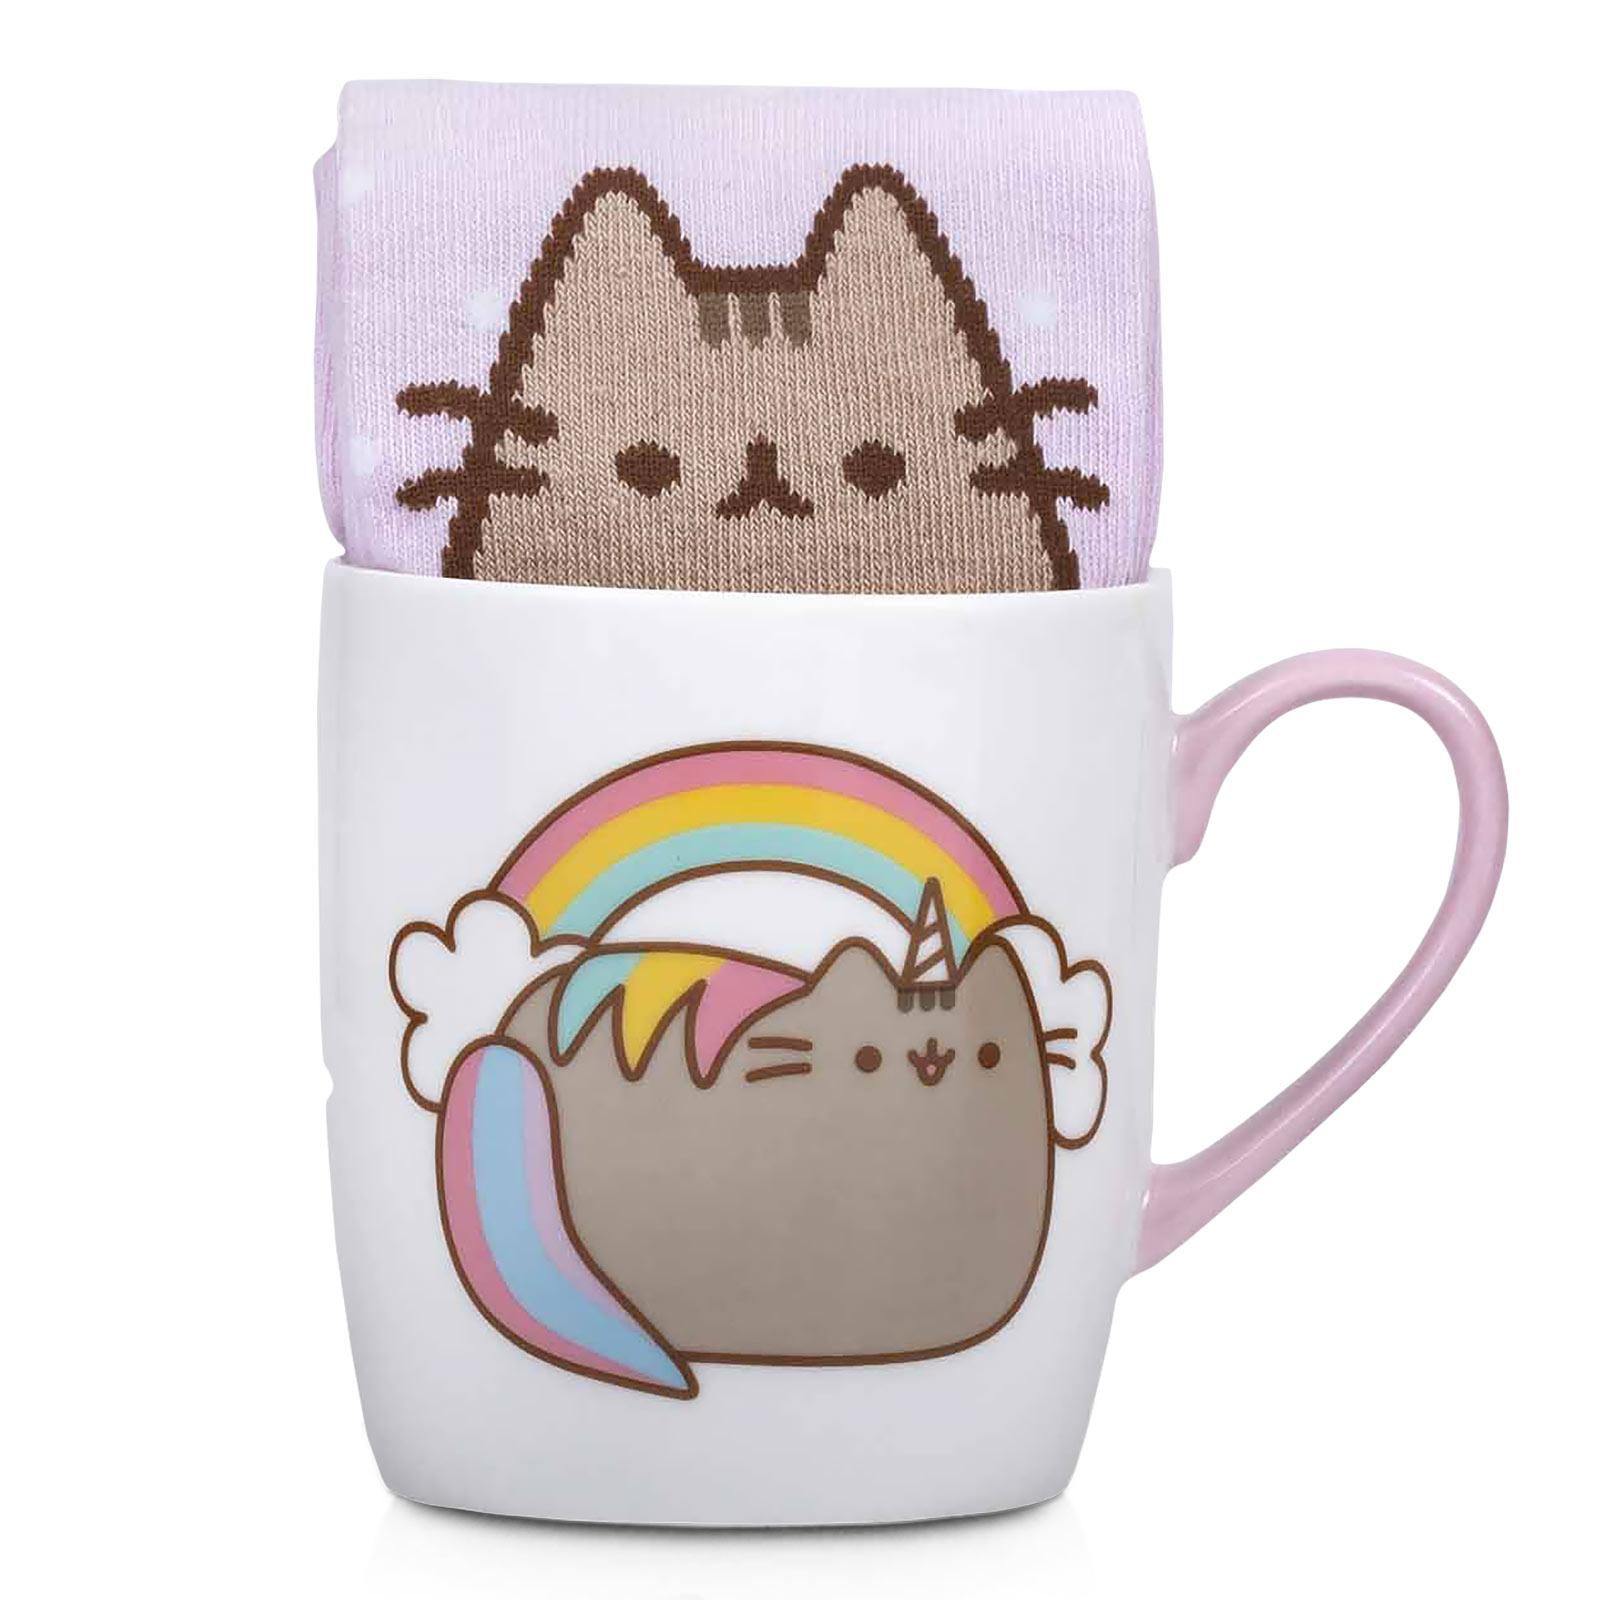 Pusheen - Rainbow Socken und Tasse